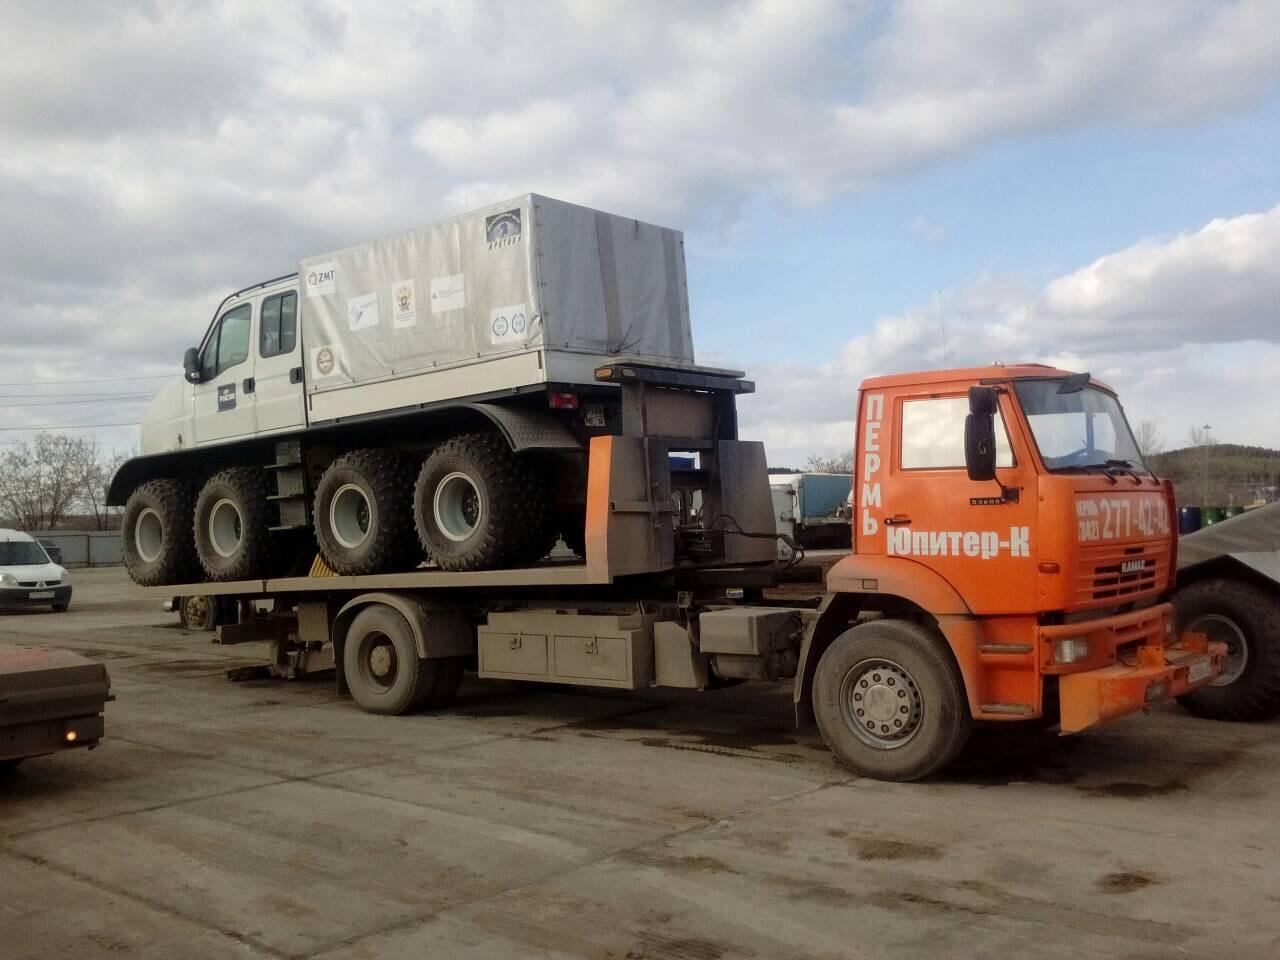 Заказ эвакуатора в Перми, служба эвакуации